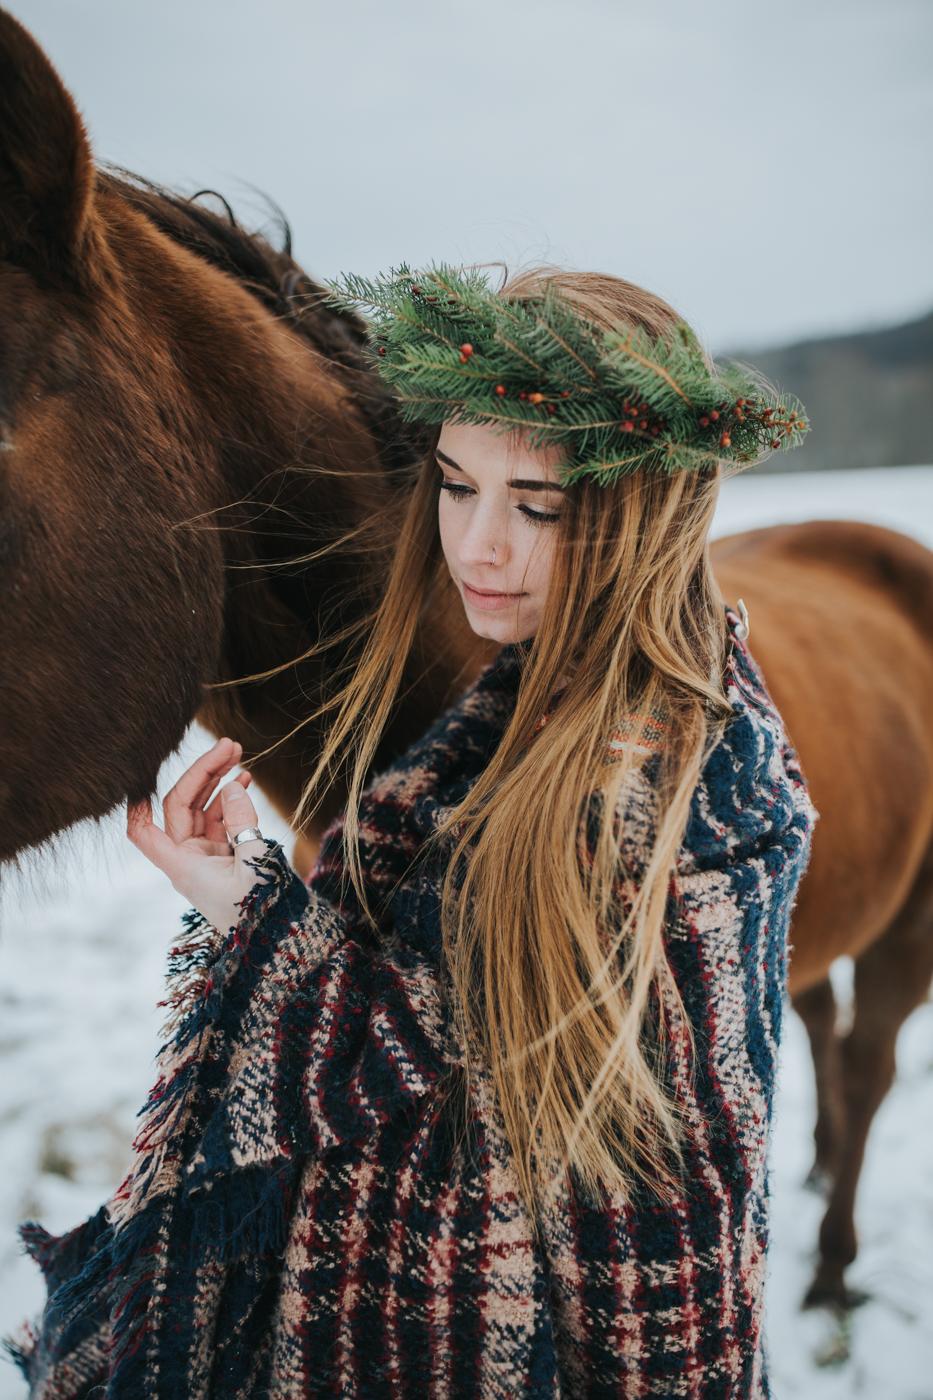 ashley-portraits-oakwood-photo-video-13.jpg